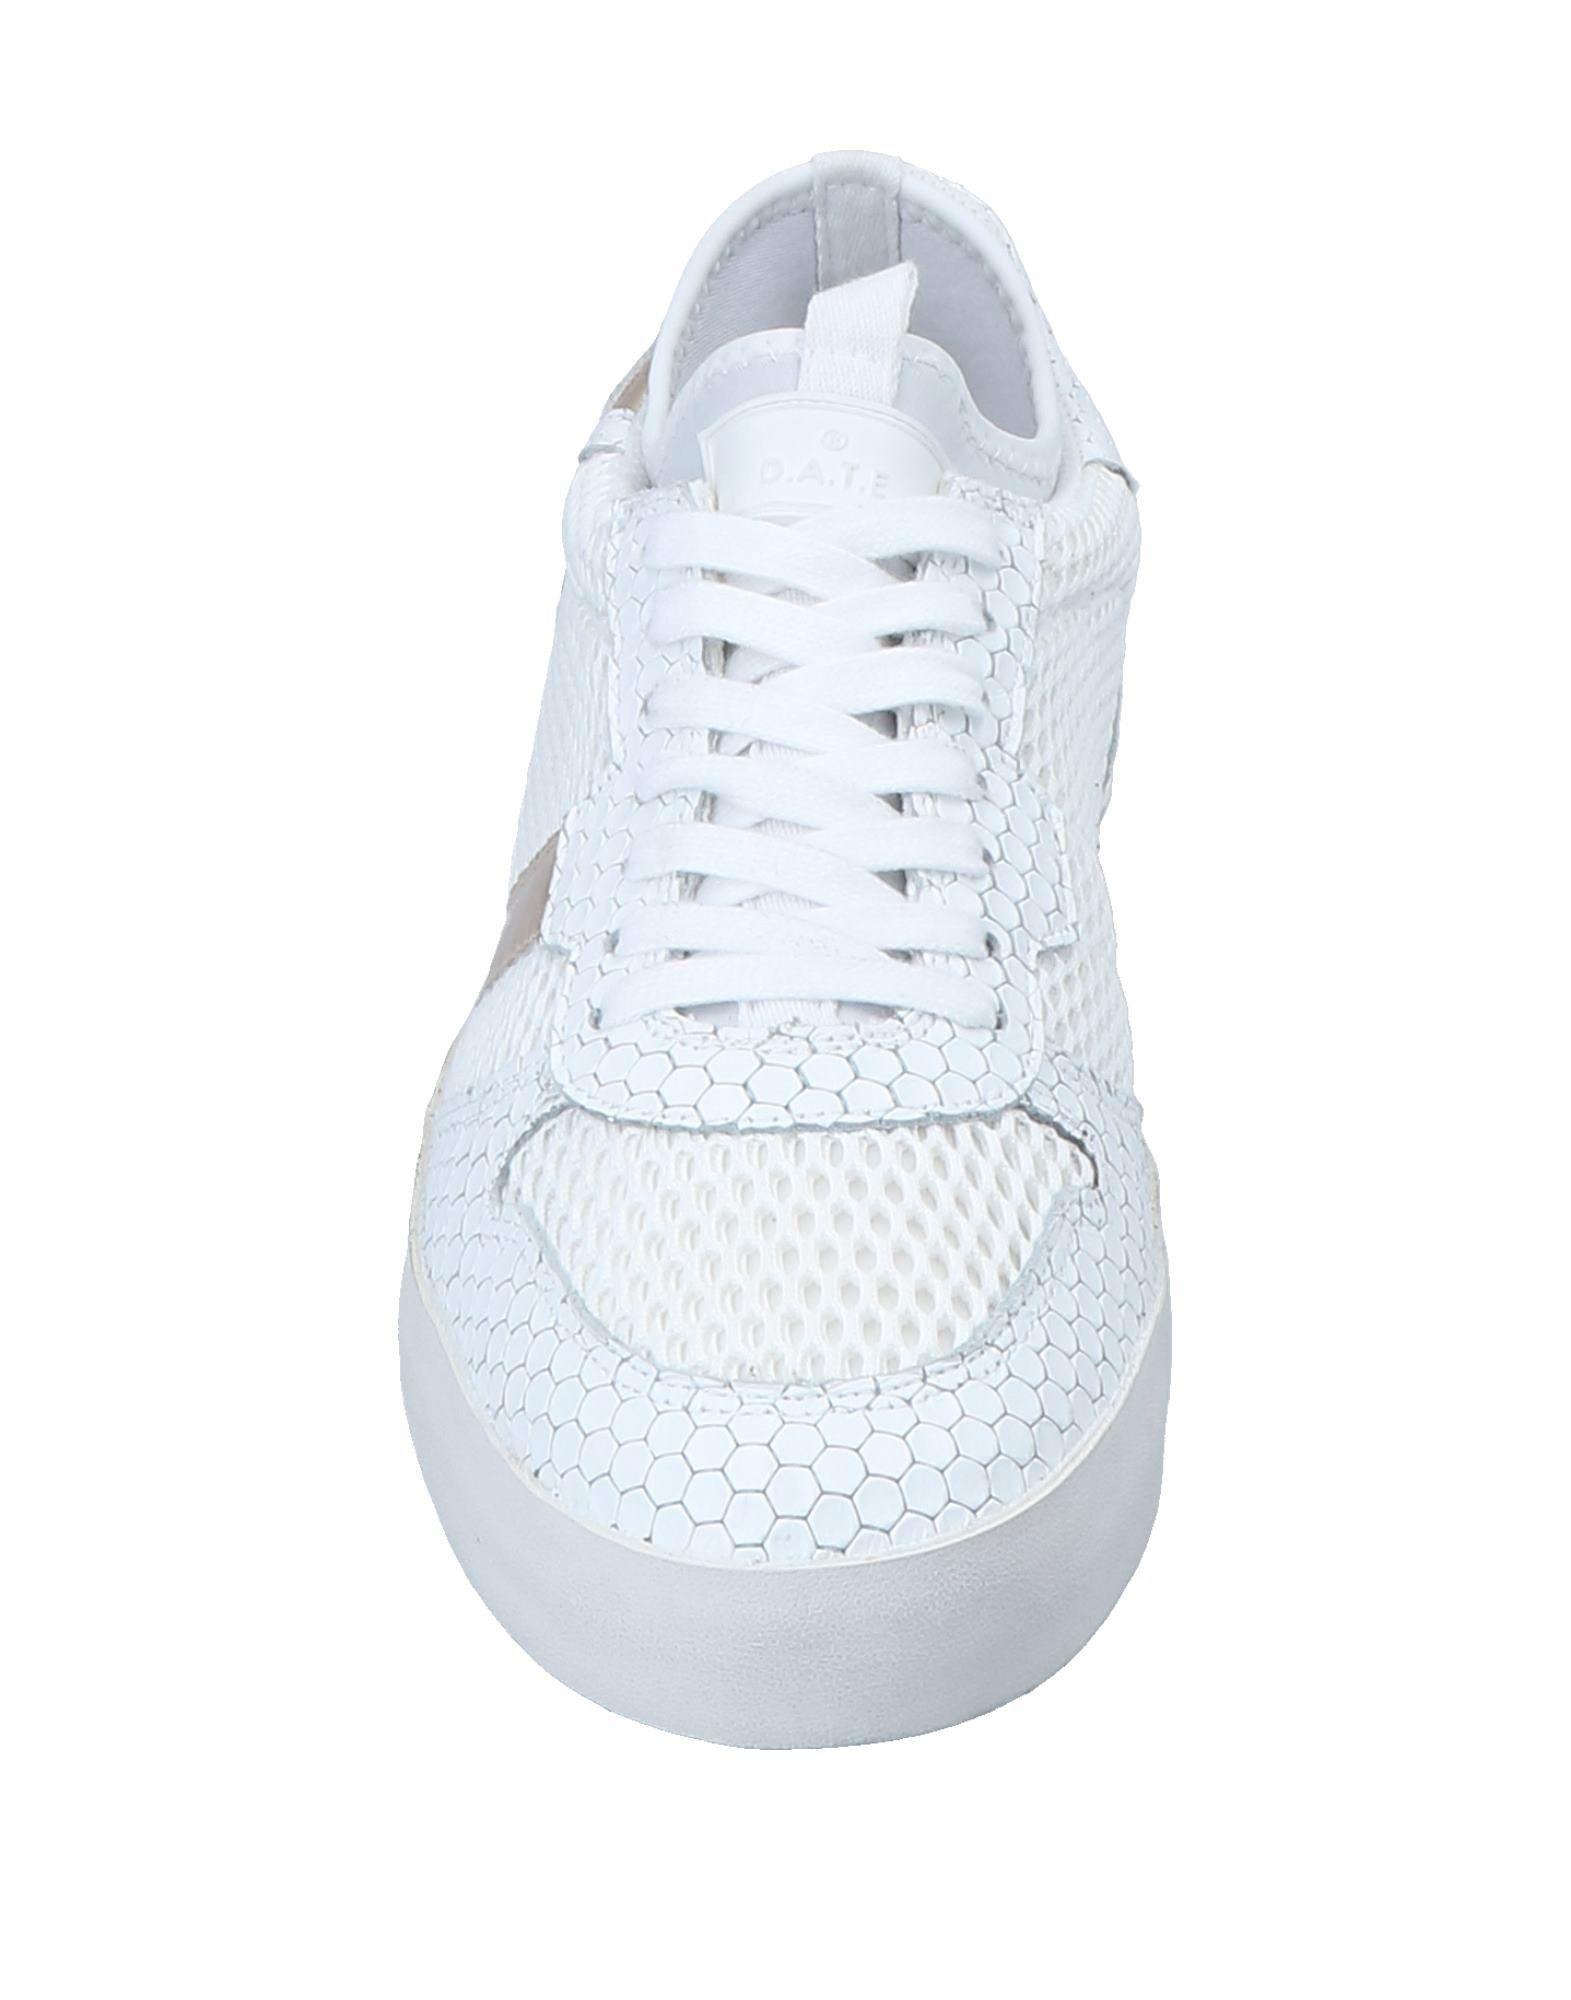 Gut um billige Damen Schuhe zu tragenD.A.T.E. Sneakers Damen billige  11554167XB 89dd85